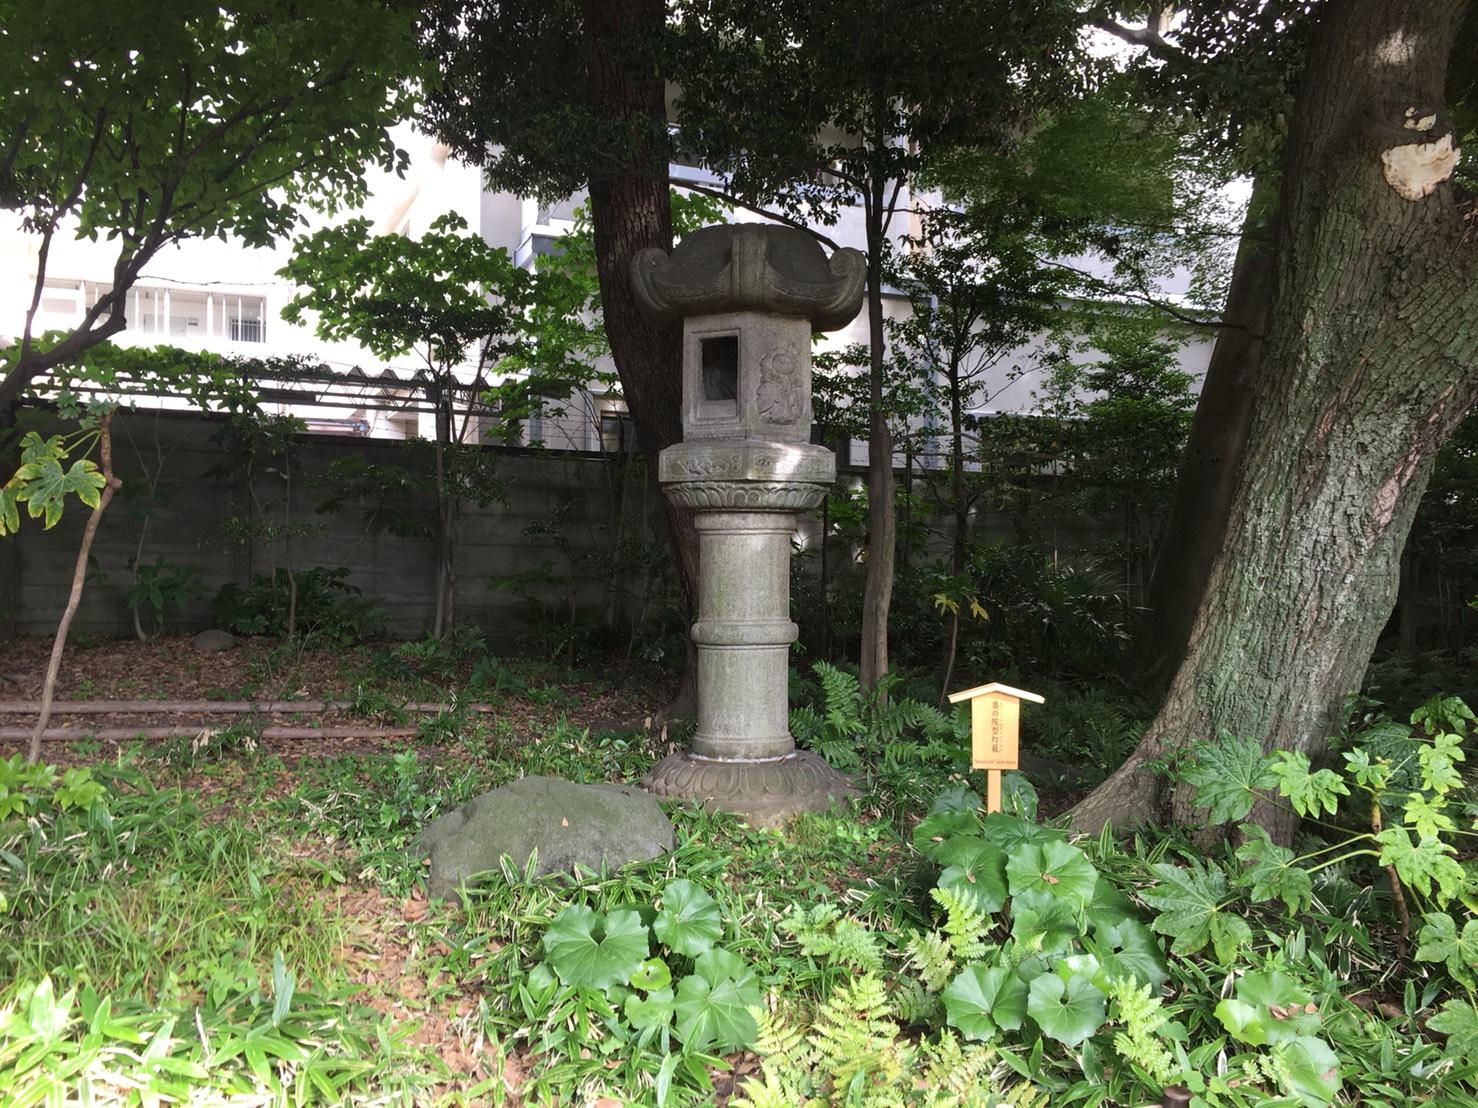 【上中里駅】バラが咲き誇る日英が混ざる庭園「旧古河庭園」の灯篭1